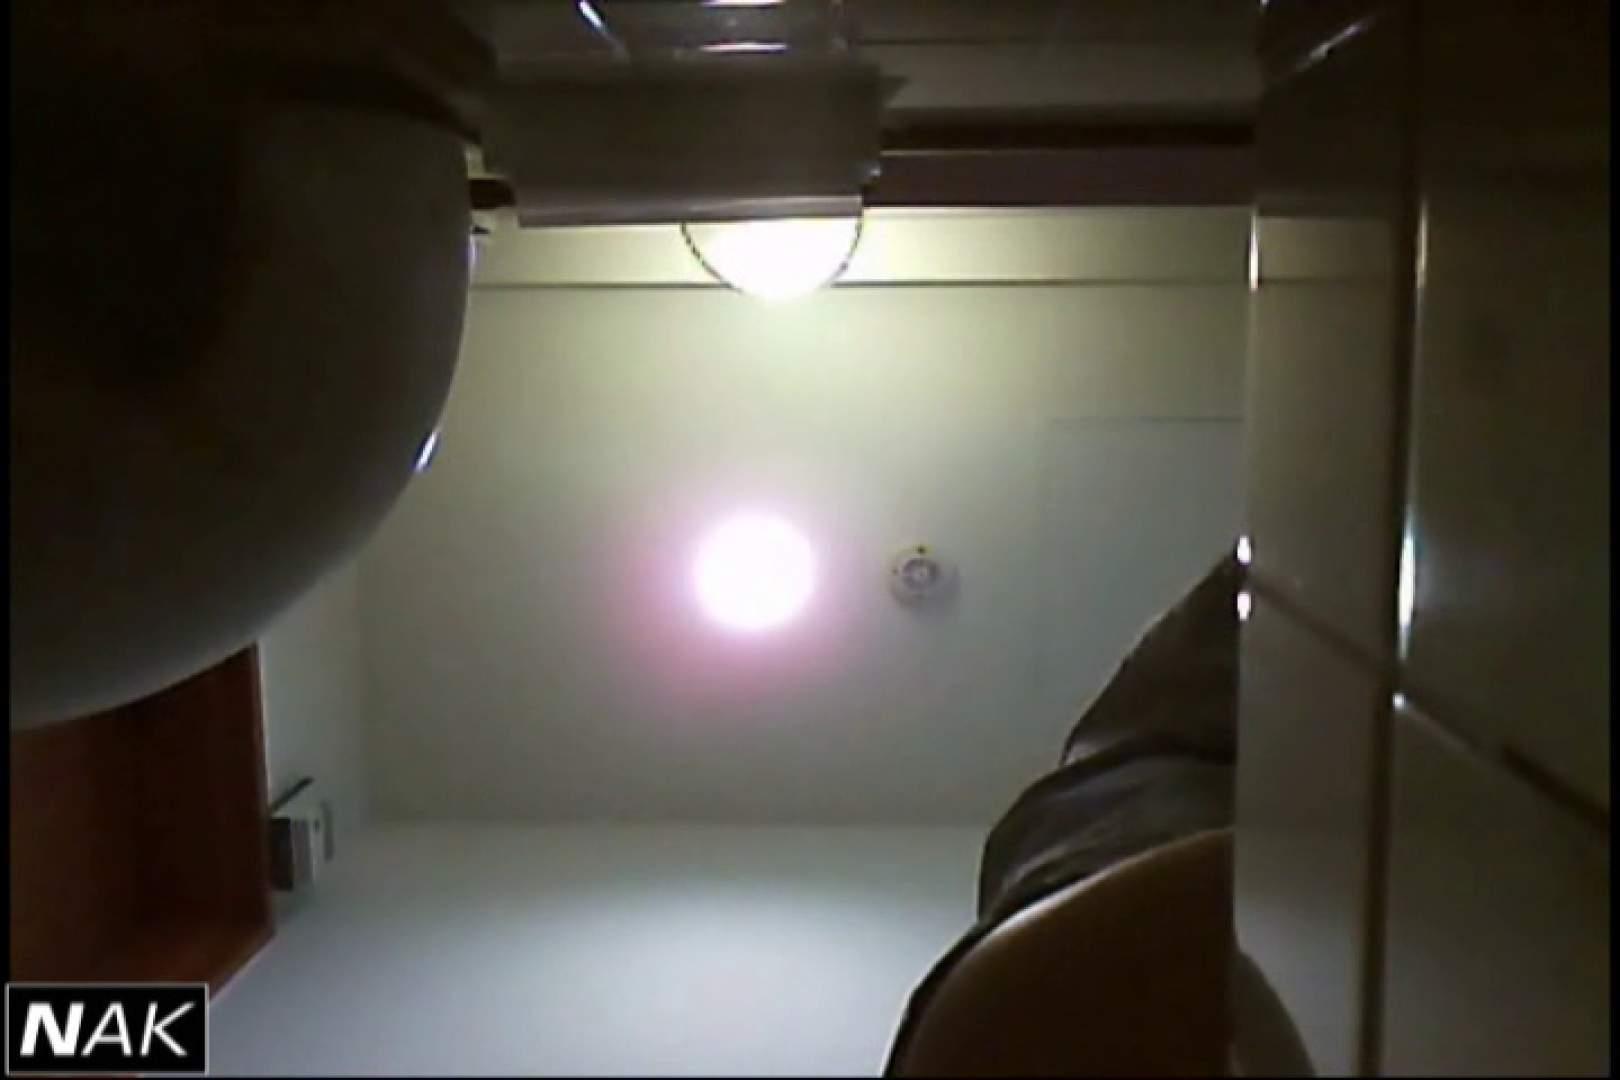 亀さんかわや VIP和式2カメバージョン! vol.14 オマンコ | 黄金水  58pic 28